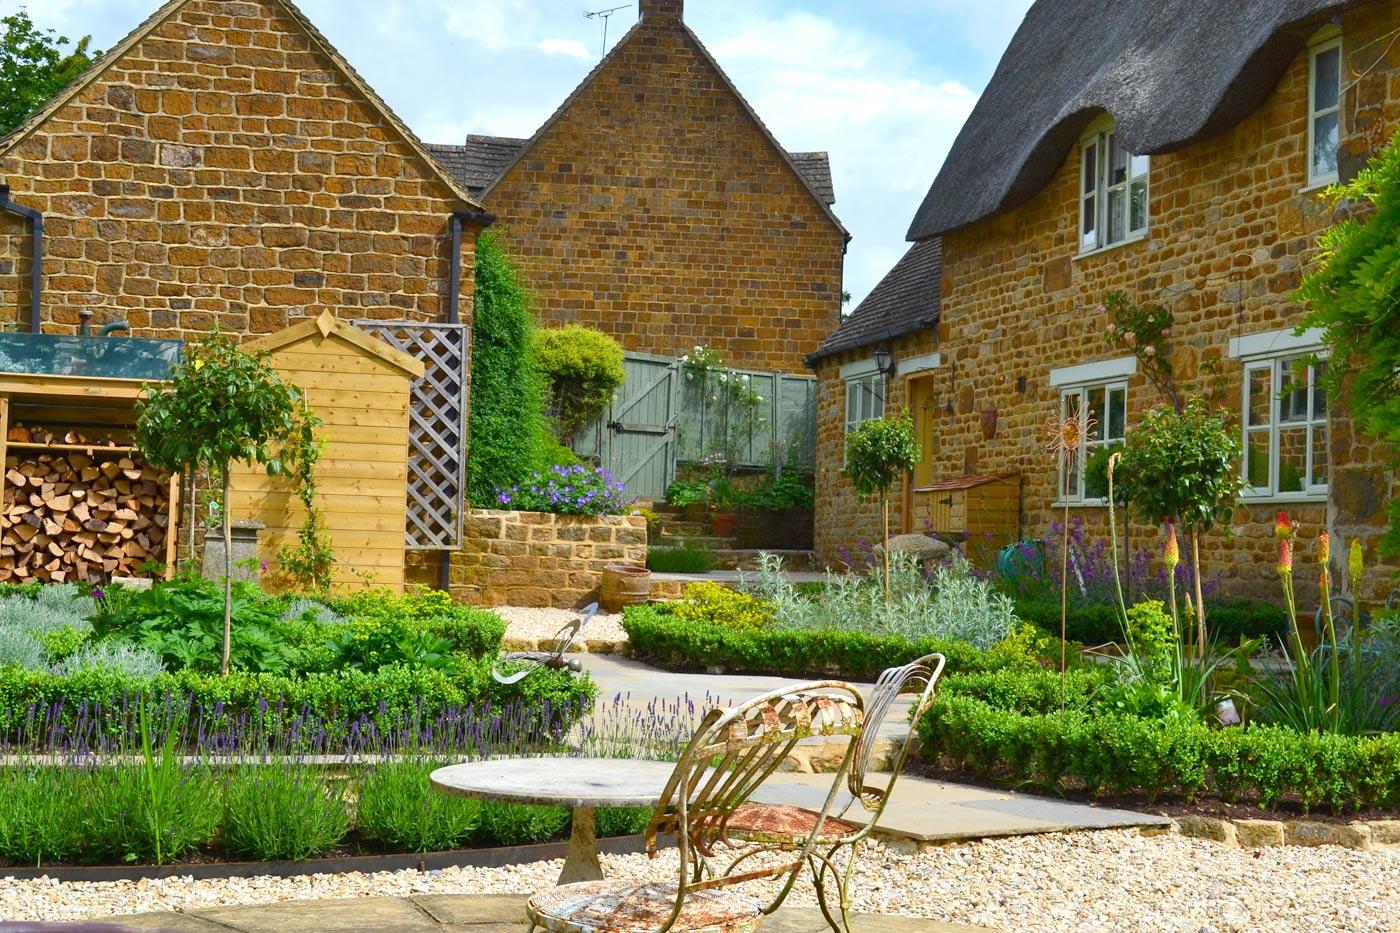 Garden Landscaping services Oxfordshire, Oxford Garden Design